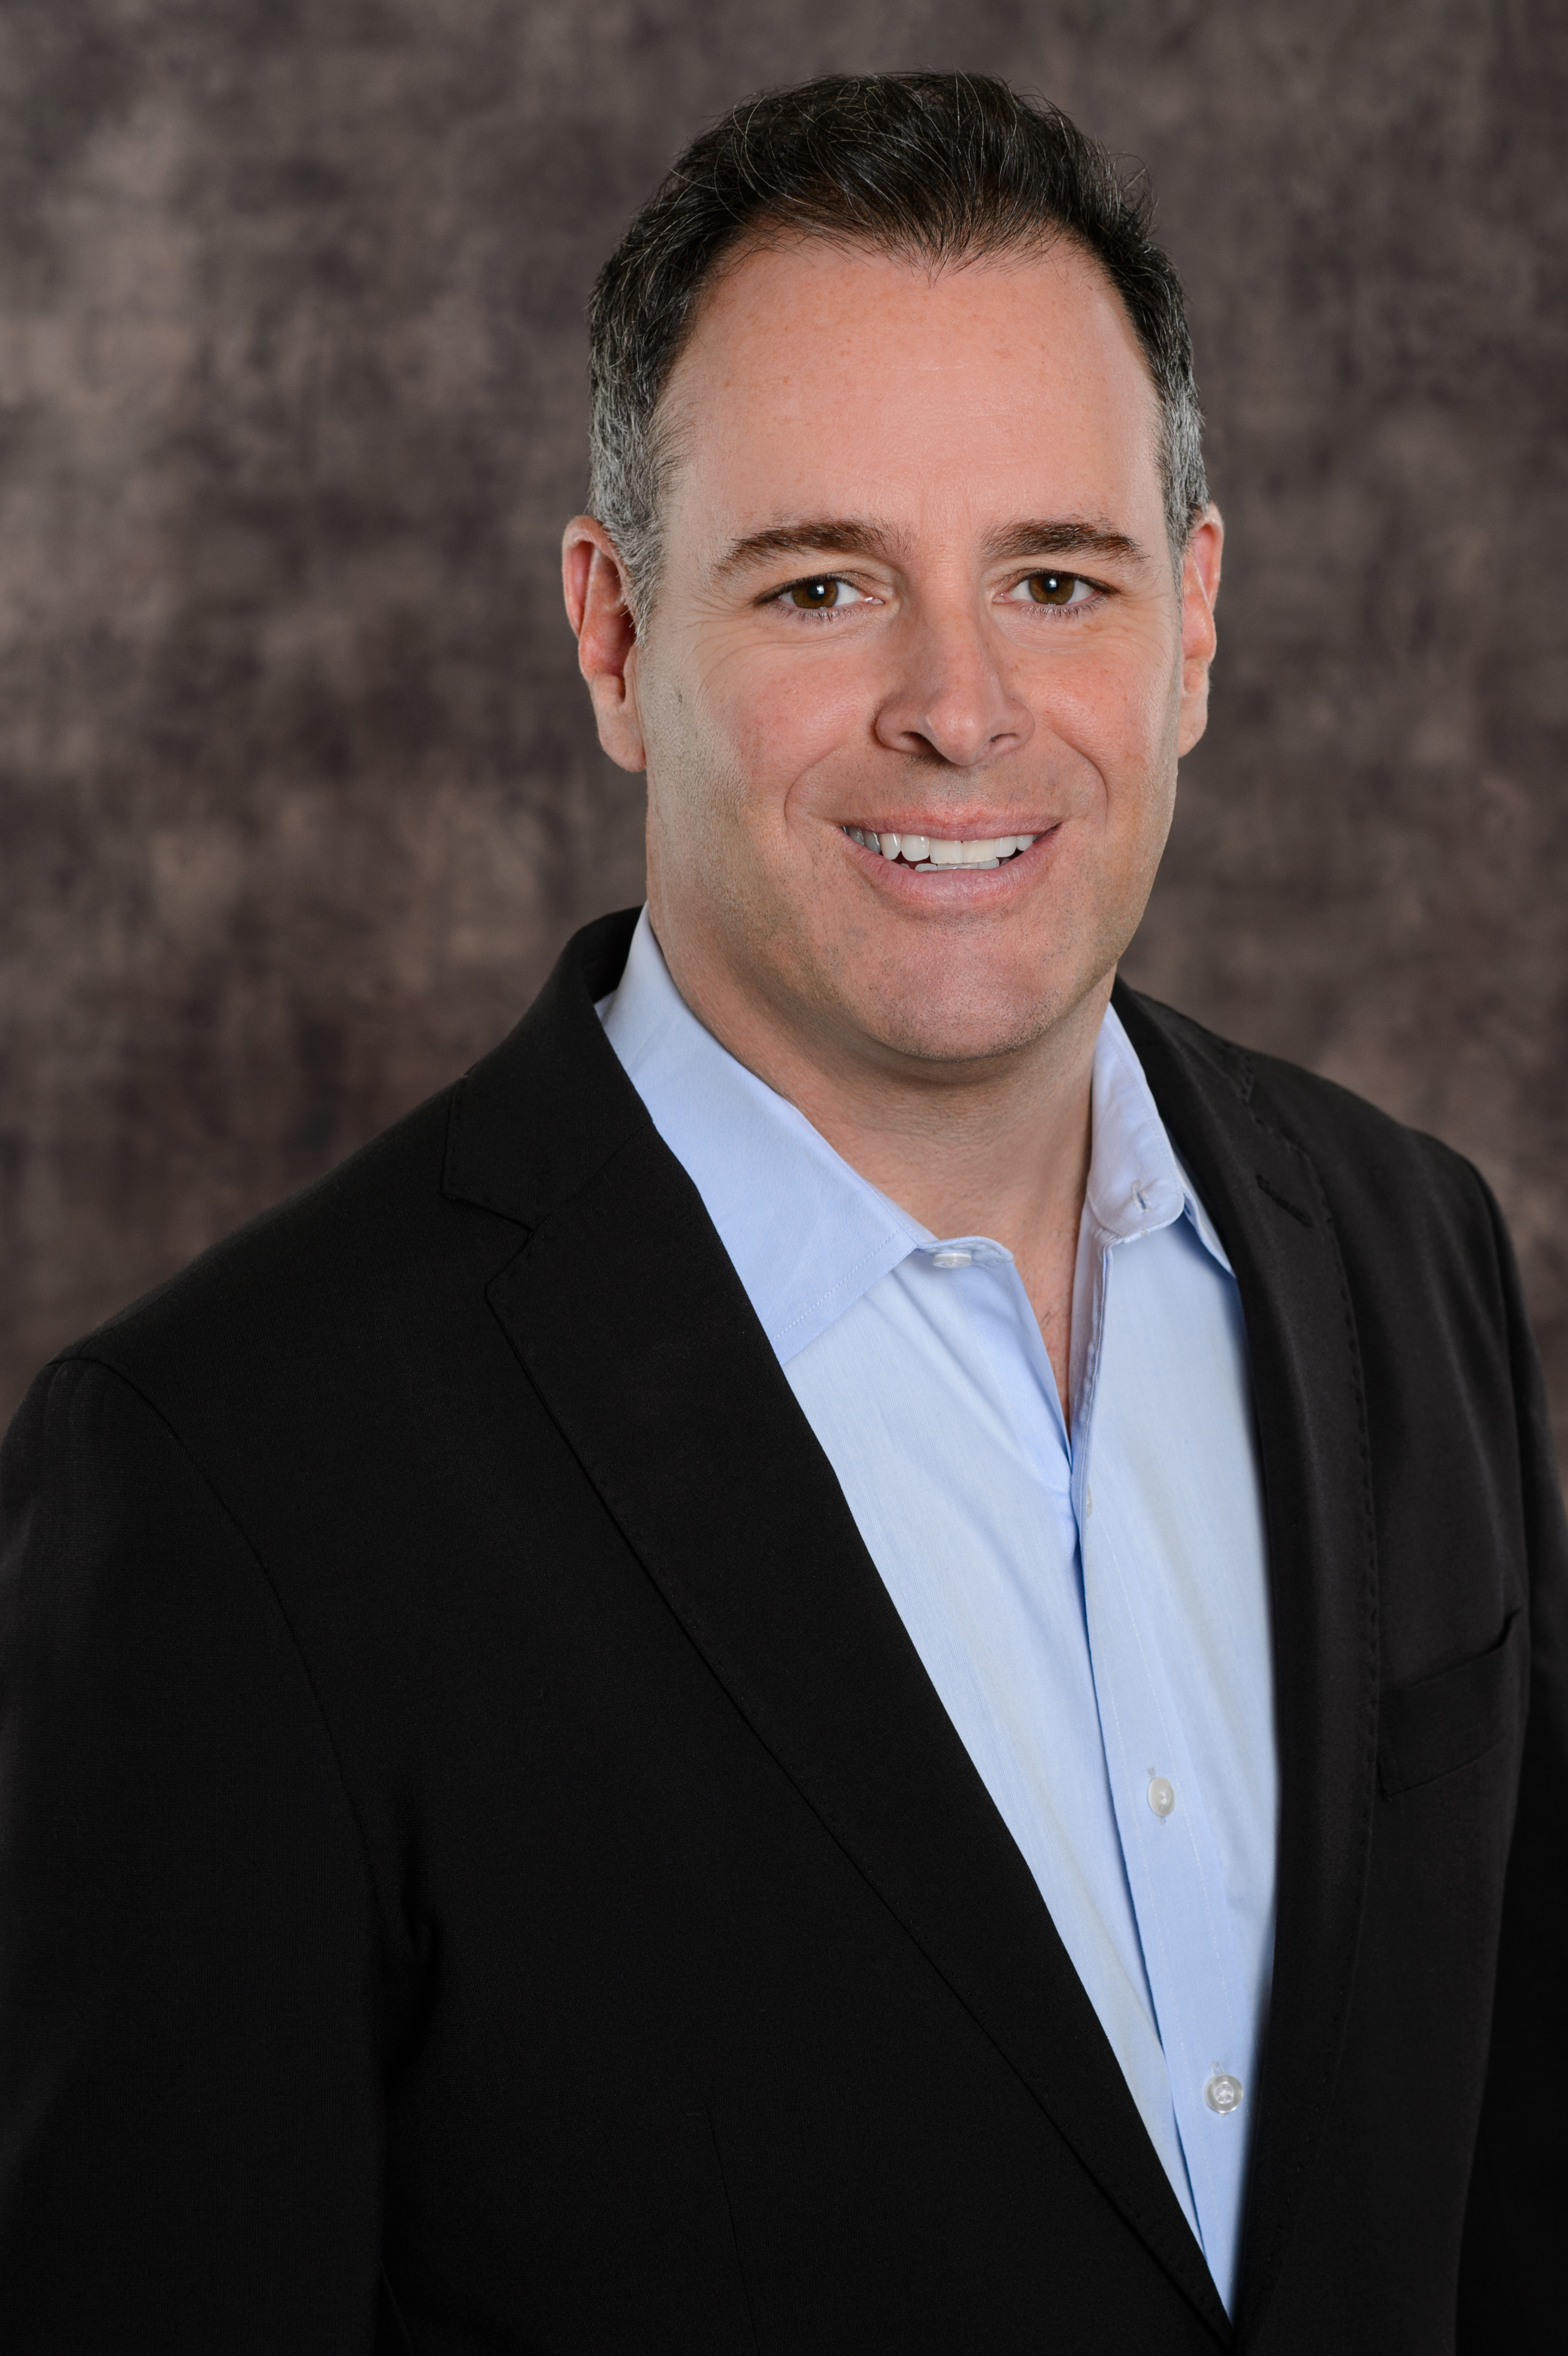 Brad Brallier